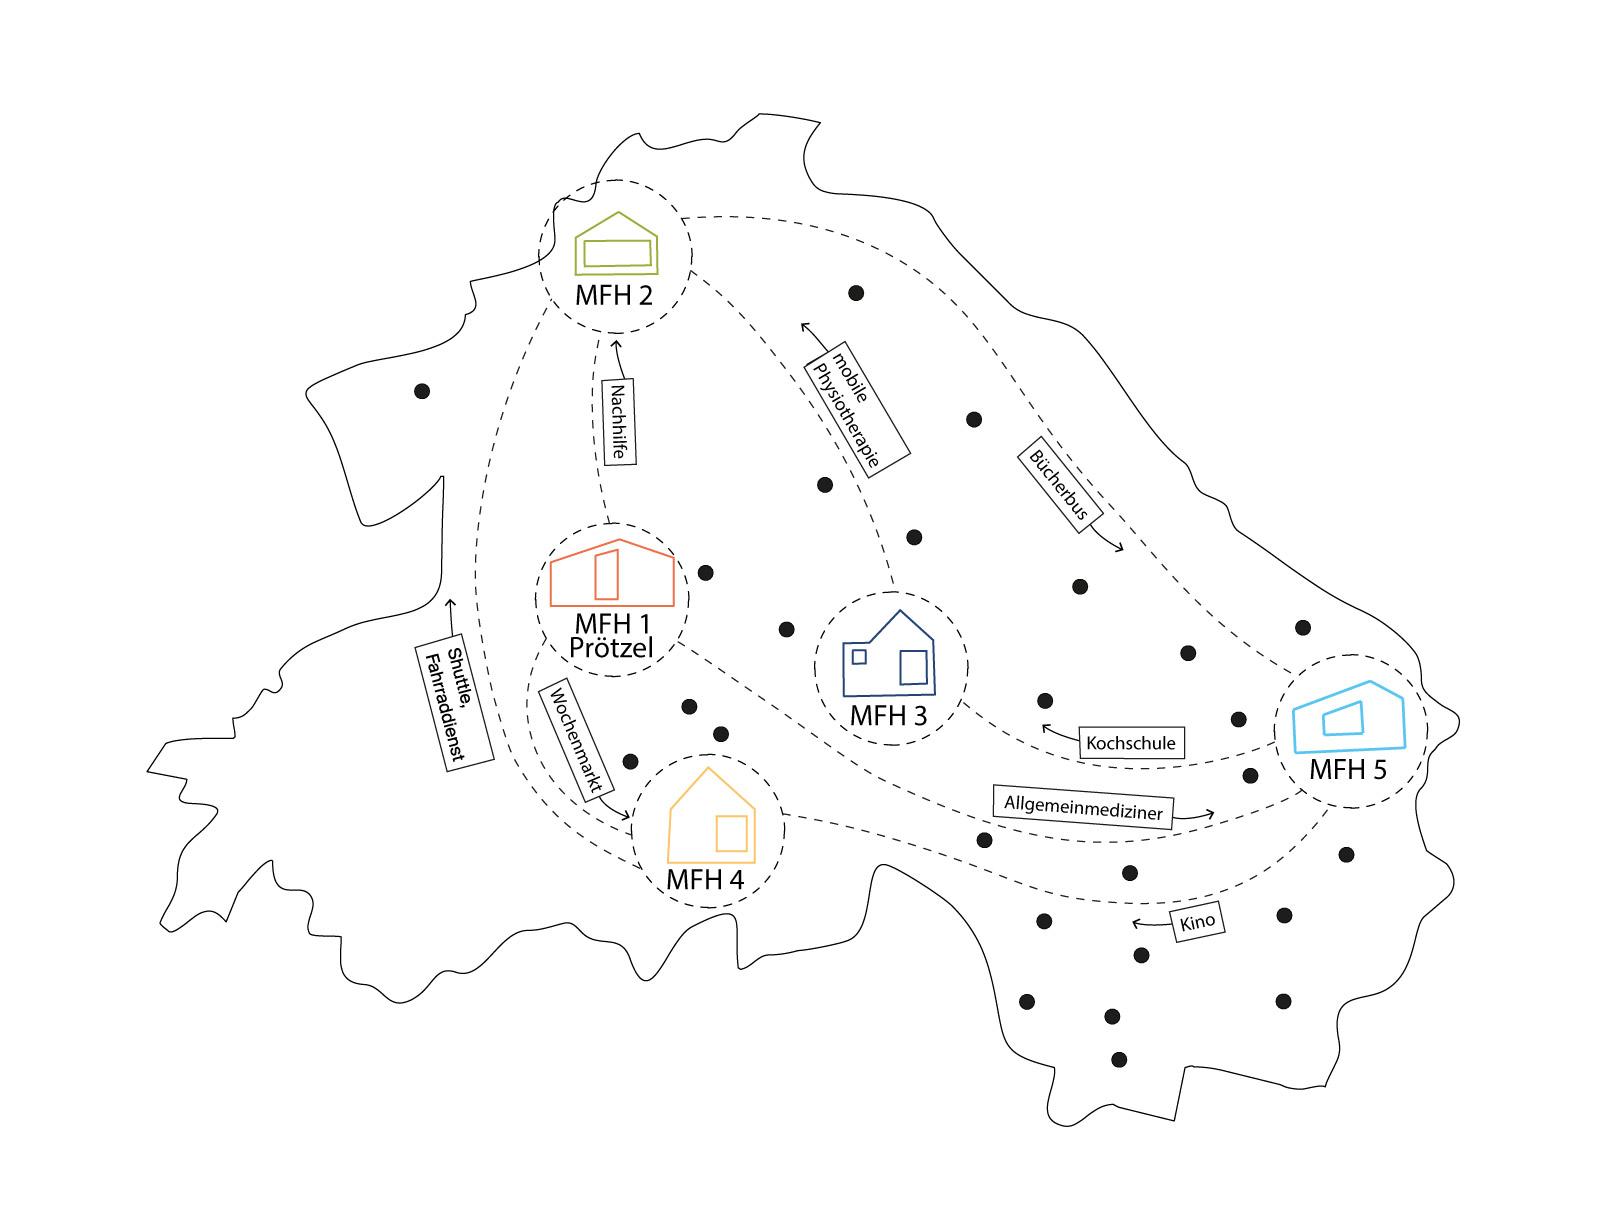 Atelier-Fanelsa-2-Diagramm